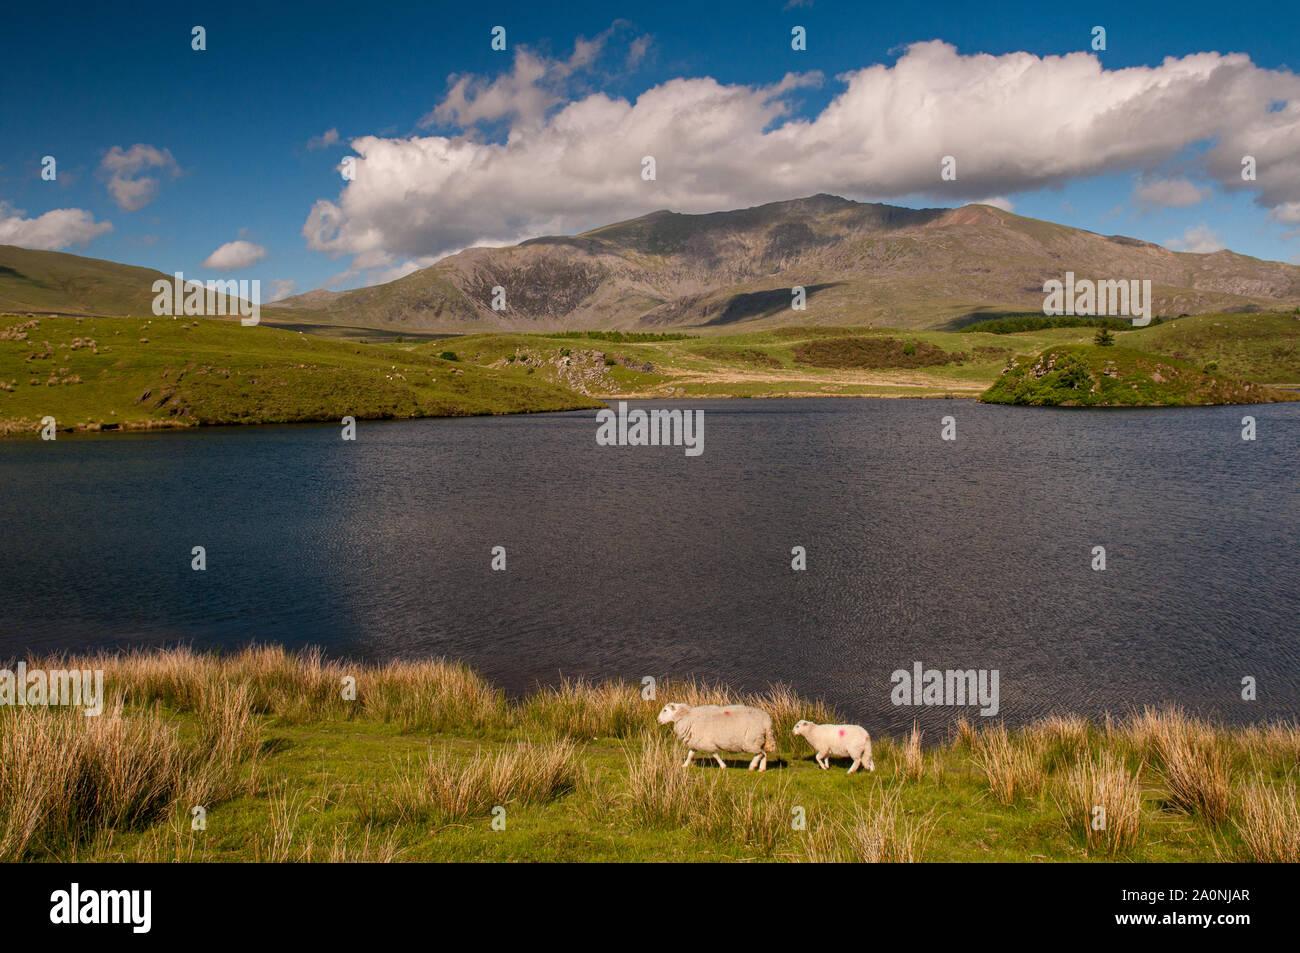 Snowdon Mountain se eleva desde las costas de Llyn y Dywarchen, un pequeño lago ar Rhyd-Ddu en el Parque Nacional de Snowdonia, al norte de Gales. Foto de stock